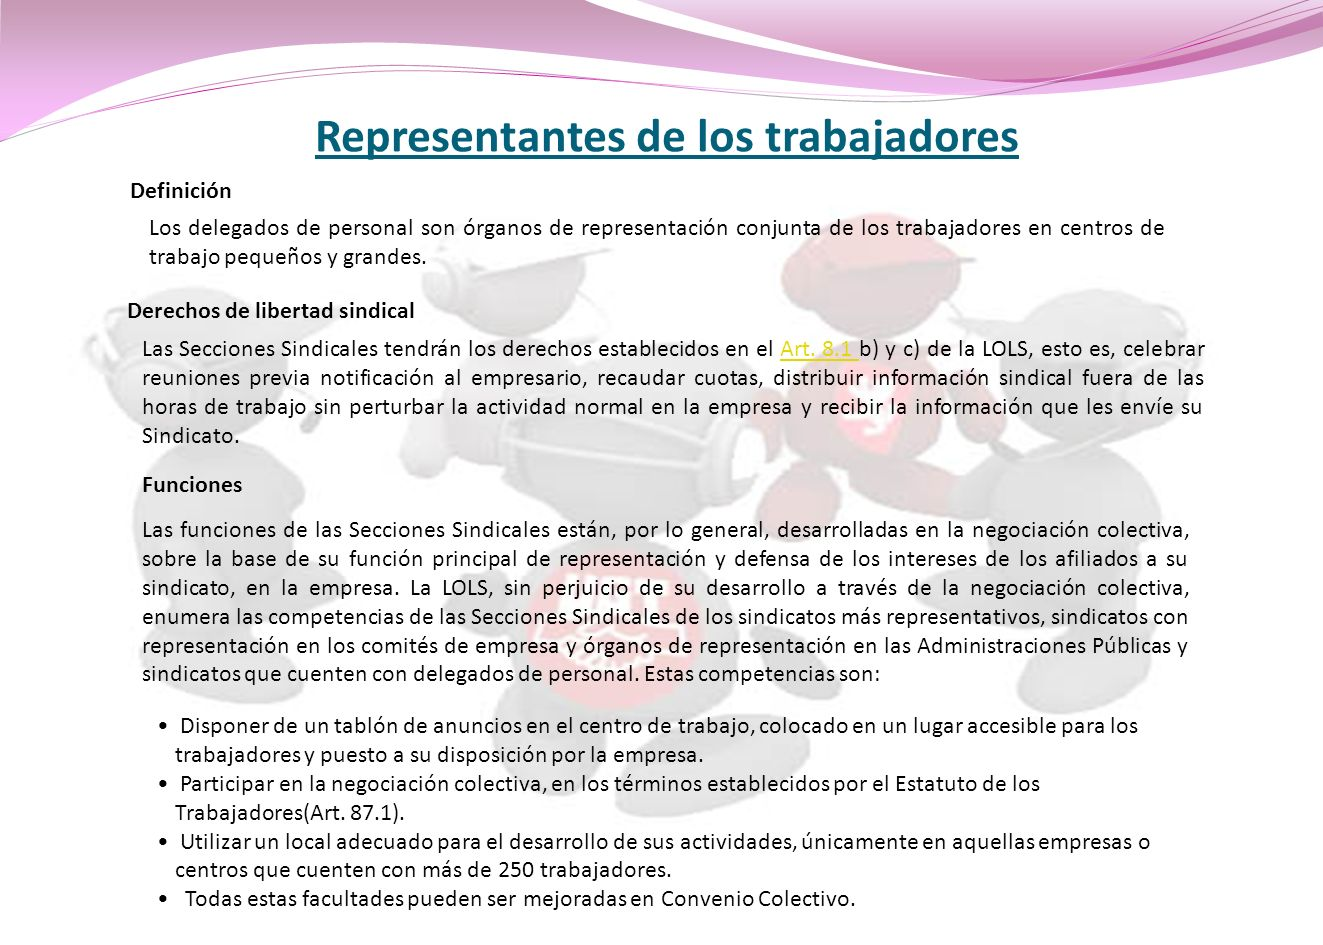 Representantes de los trabajadores Definición Los delegados de personal son órganos de representación conjunta de los trabajadores en centros de traba